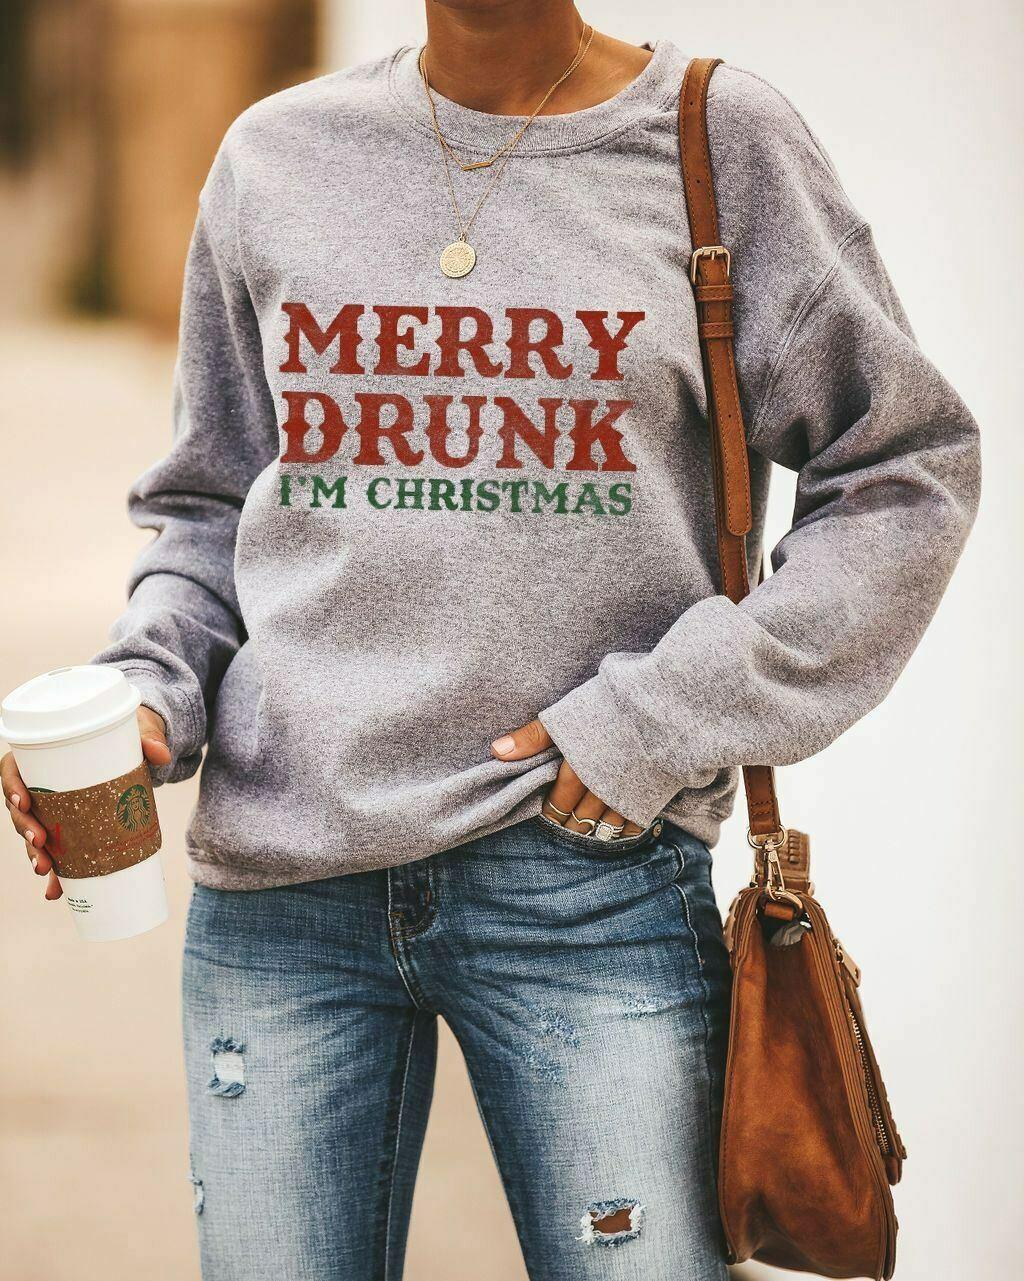 Merry Drunk I'm Christmas, funny Christmas party tees, Holiday Shirt, Christmas Day, Christmas Drinking shirt, Christmas drinking, Im Christmas, merry drunk, funny drinking shirt